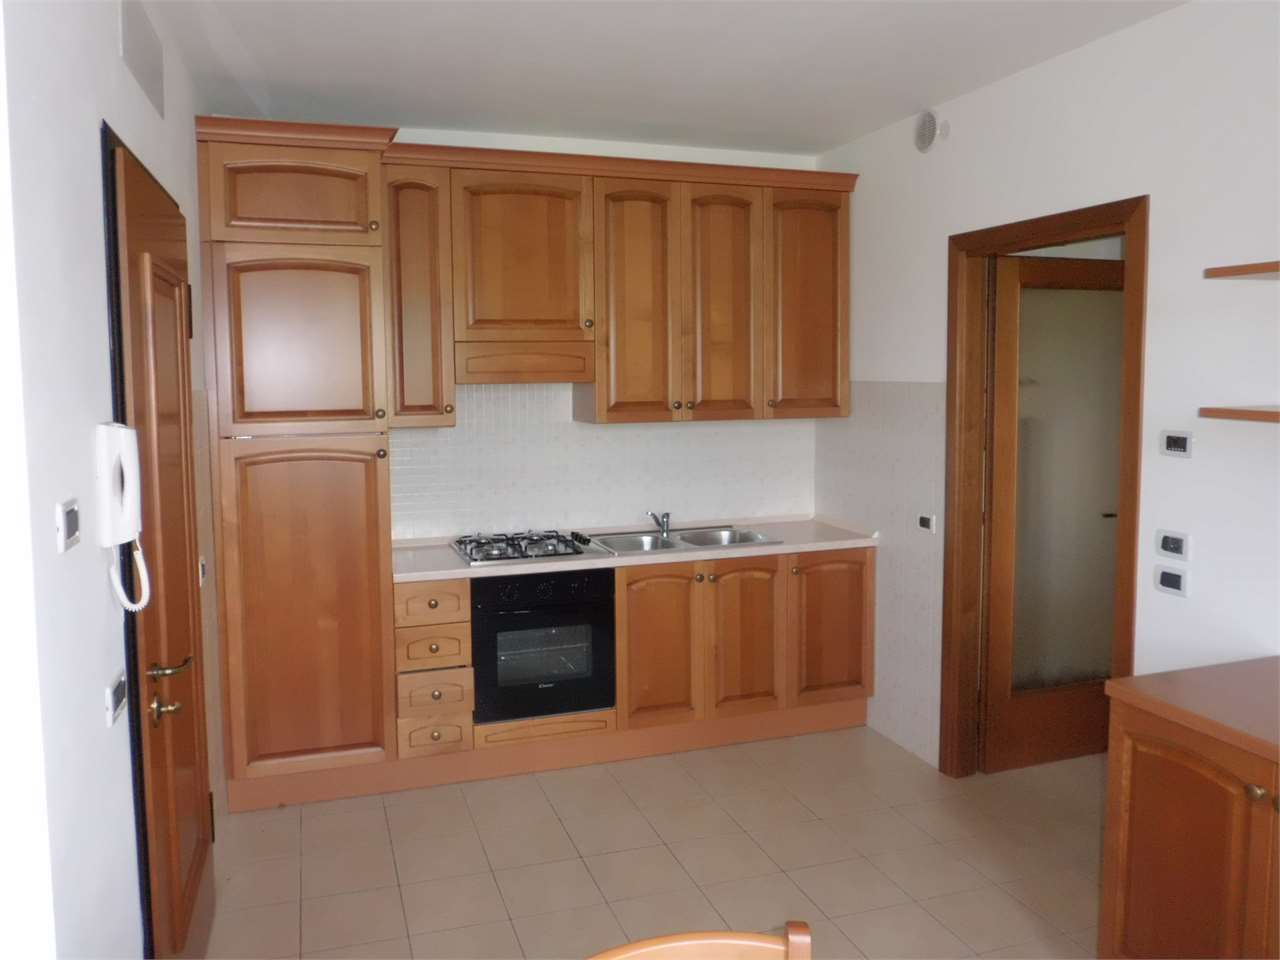 Appartamento in affitto a Conegliano, 3 locali, zona Località: Ogliano, prezzo € 450 | Cambio Casa.it